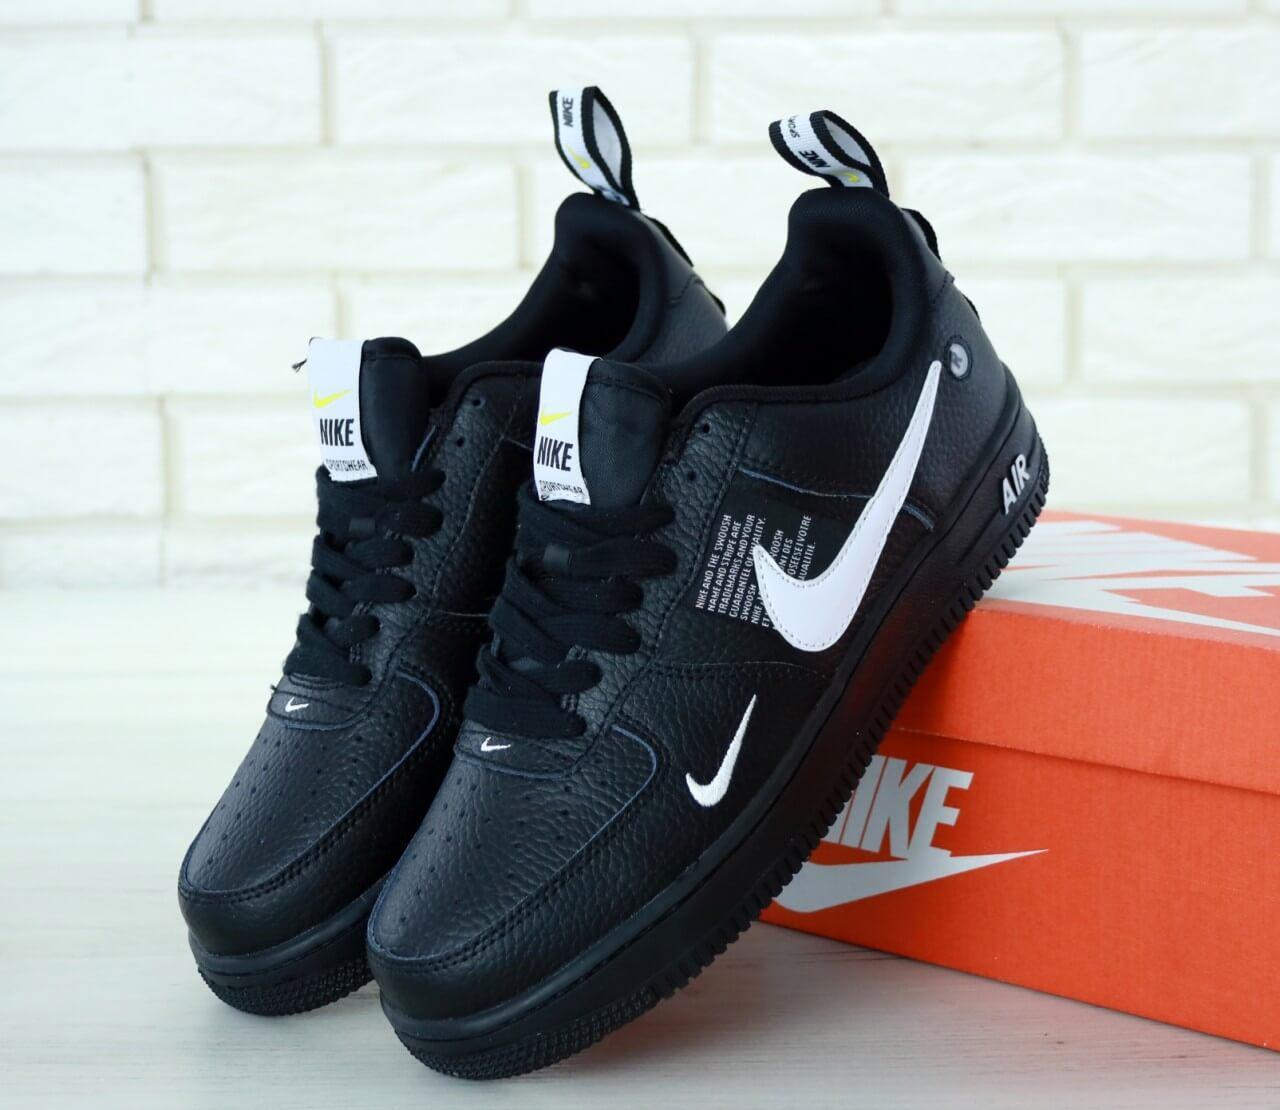 Черные кожаные кроссовки Nike Air Force 1 Low TM 07 Black (Найк Аир Форс женские и мужские размеры 36-46)